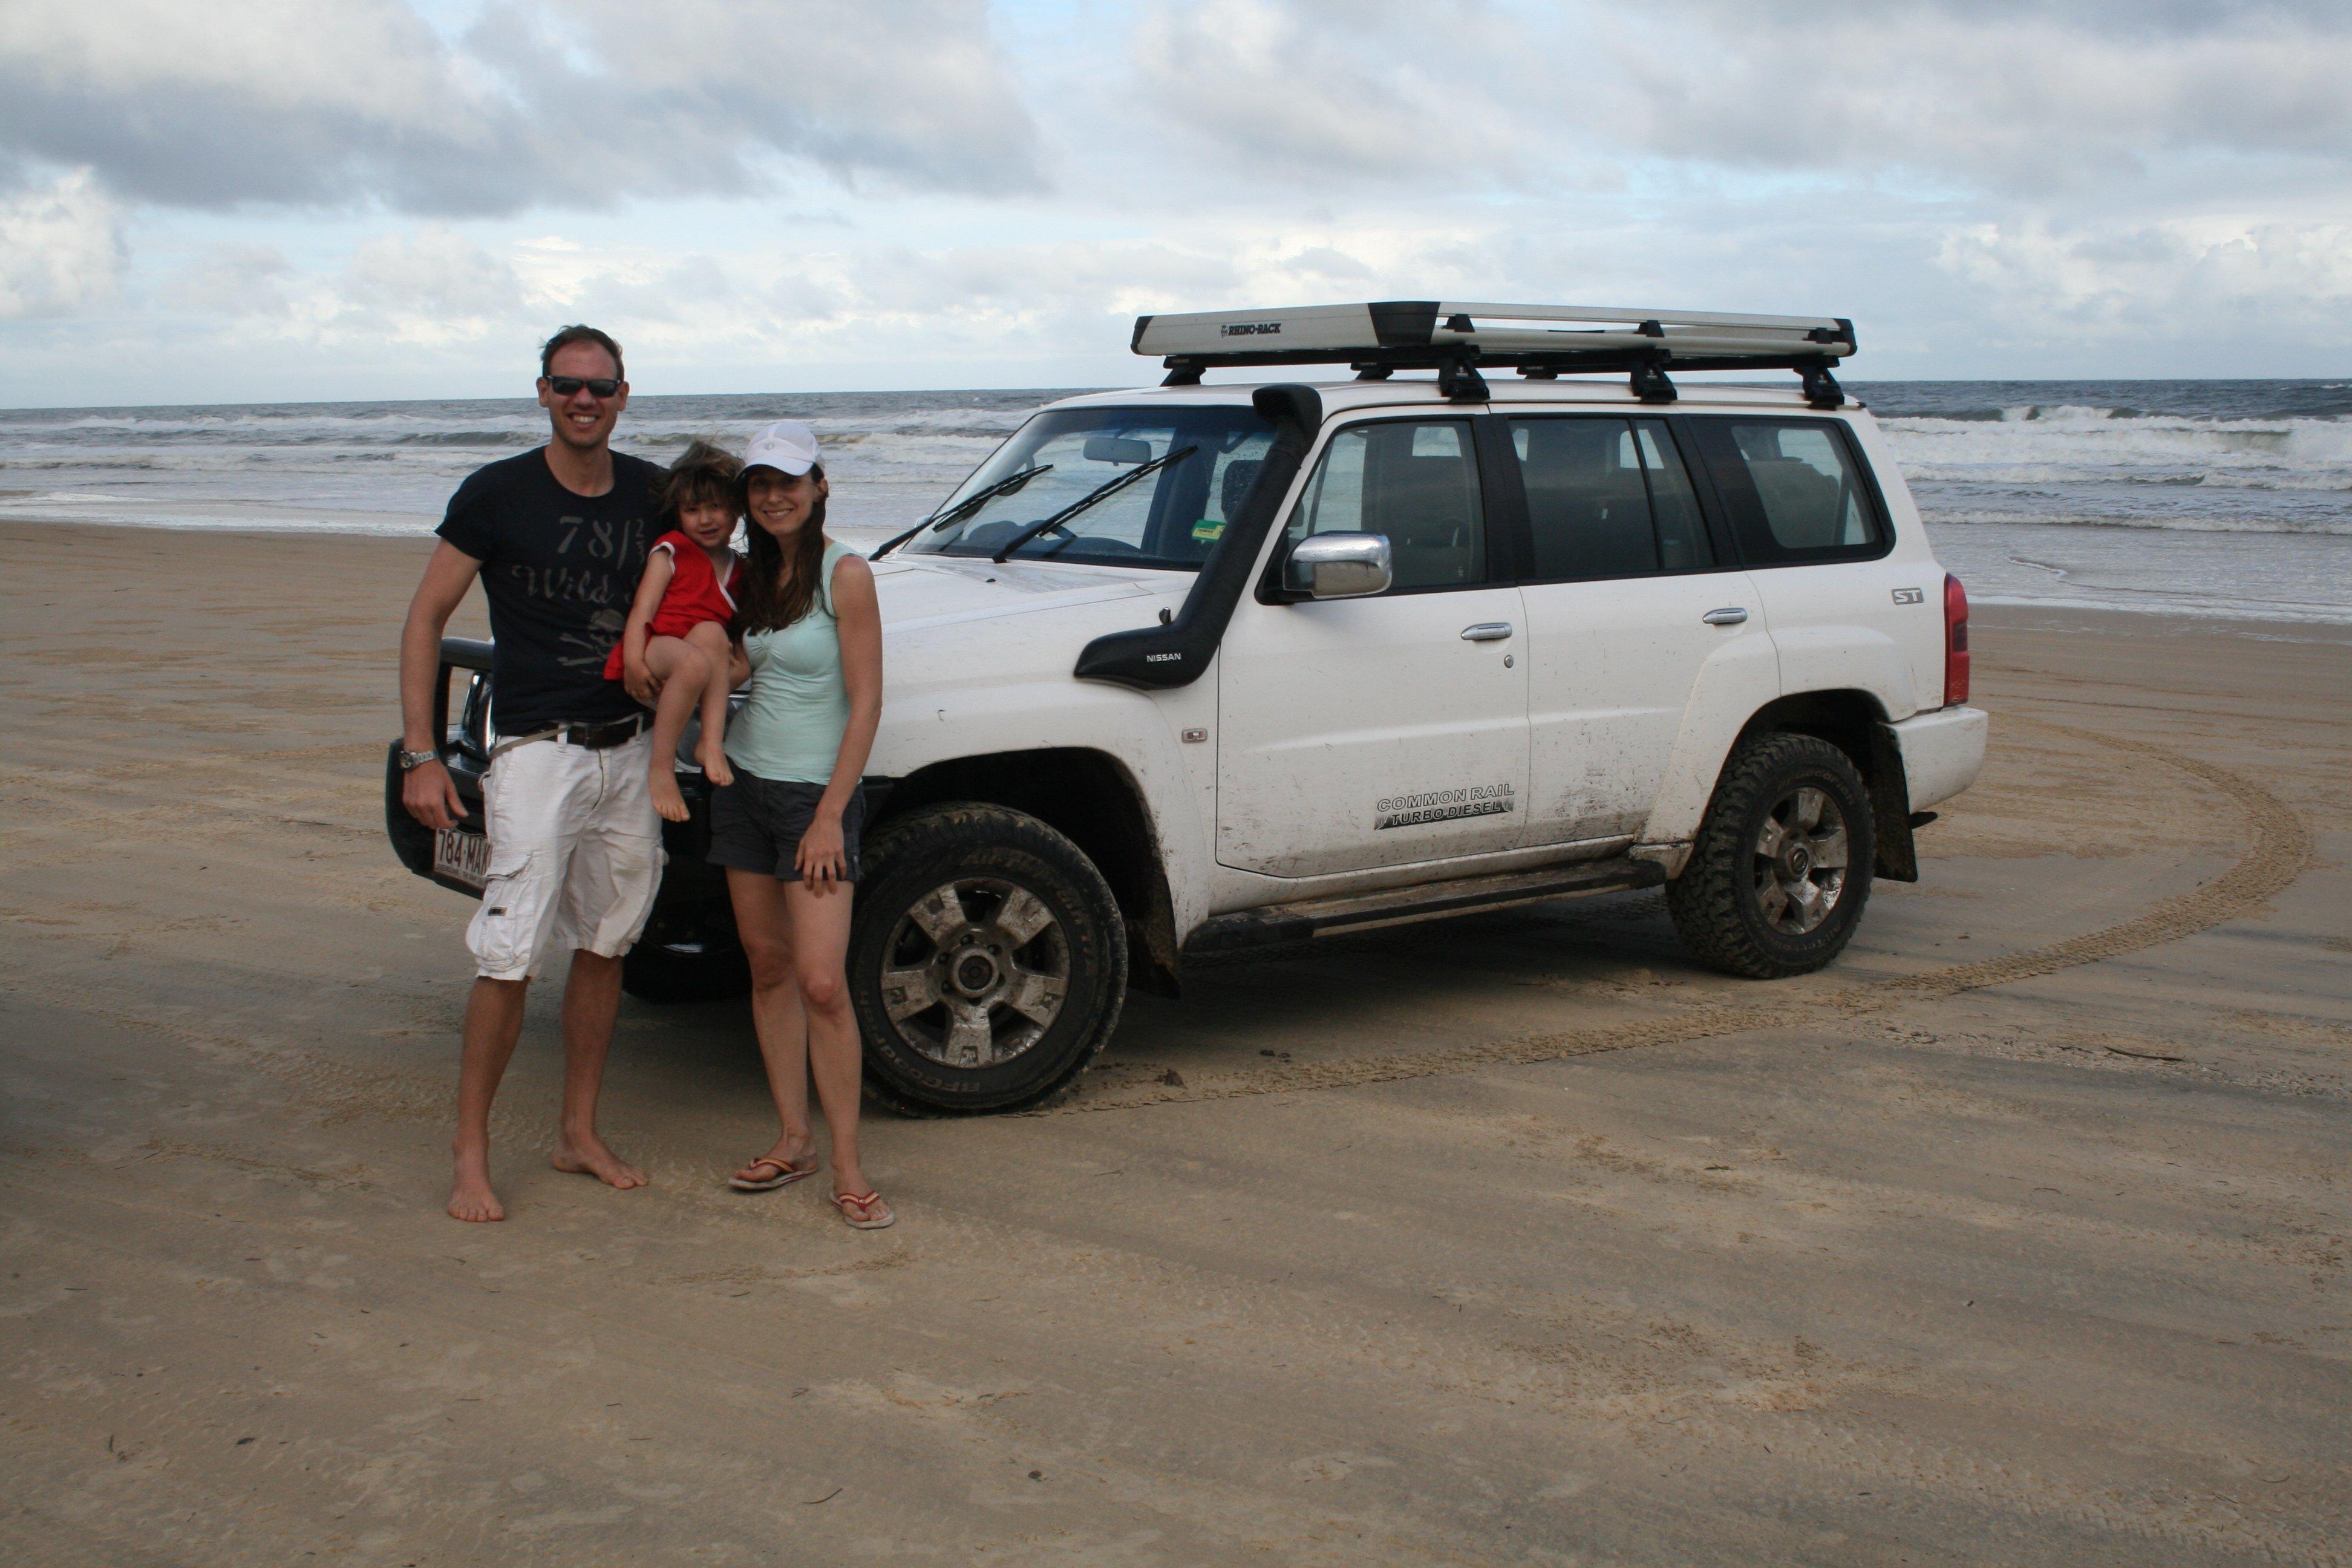 Das Rallye-Team Quick: Autofahren am Strand - möglich auf Fraser Island